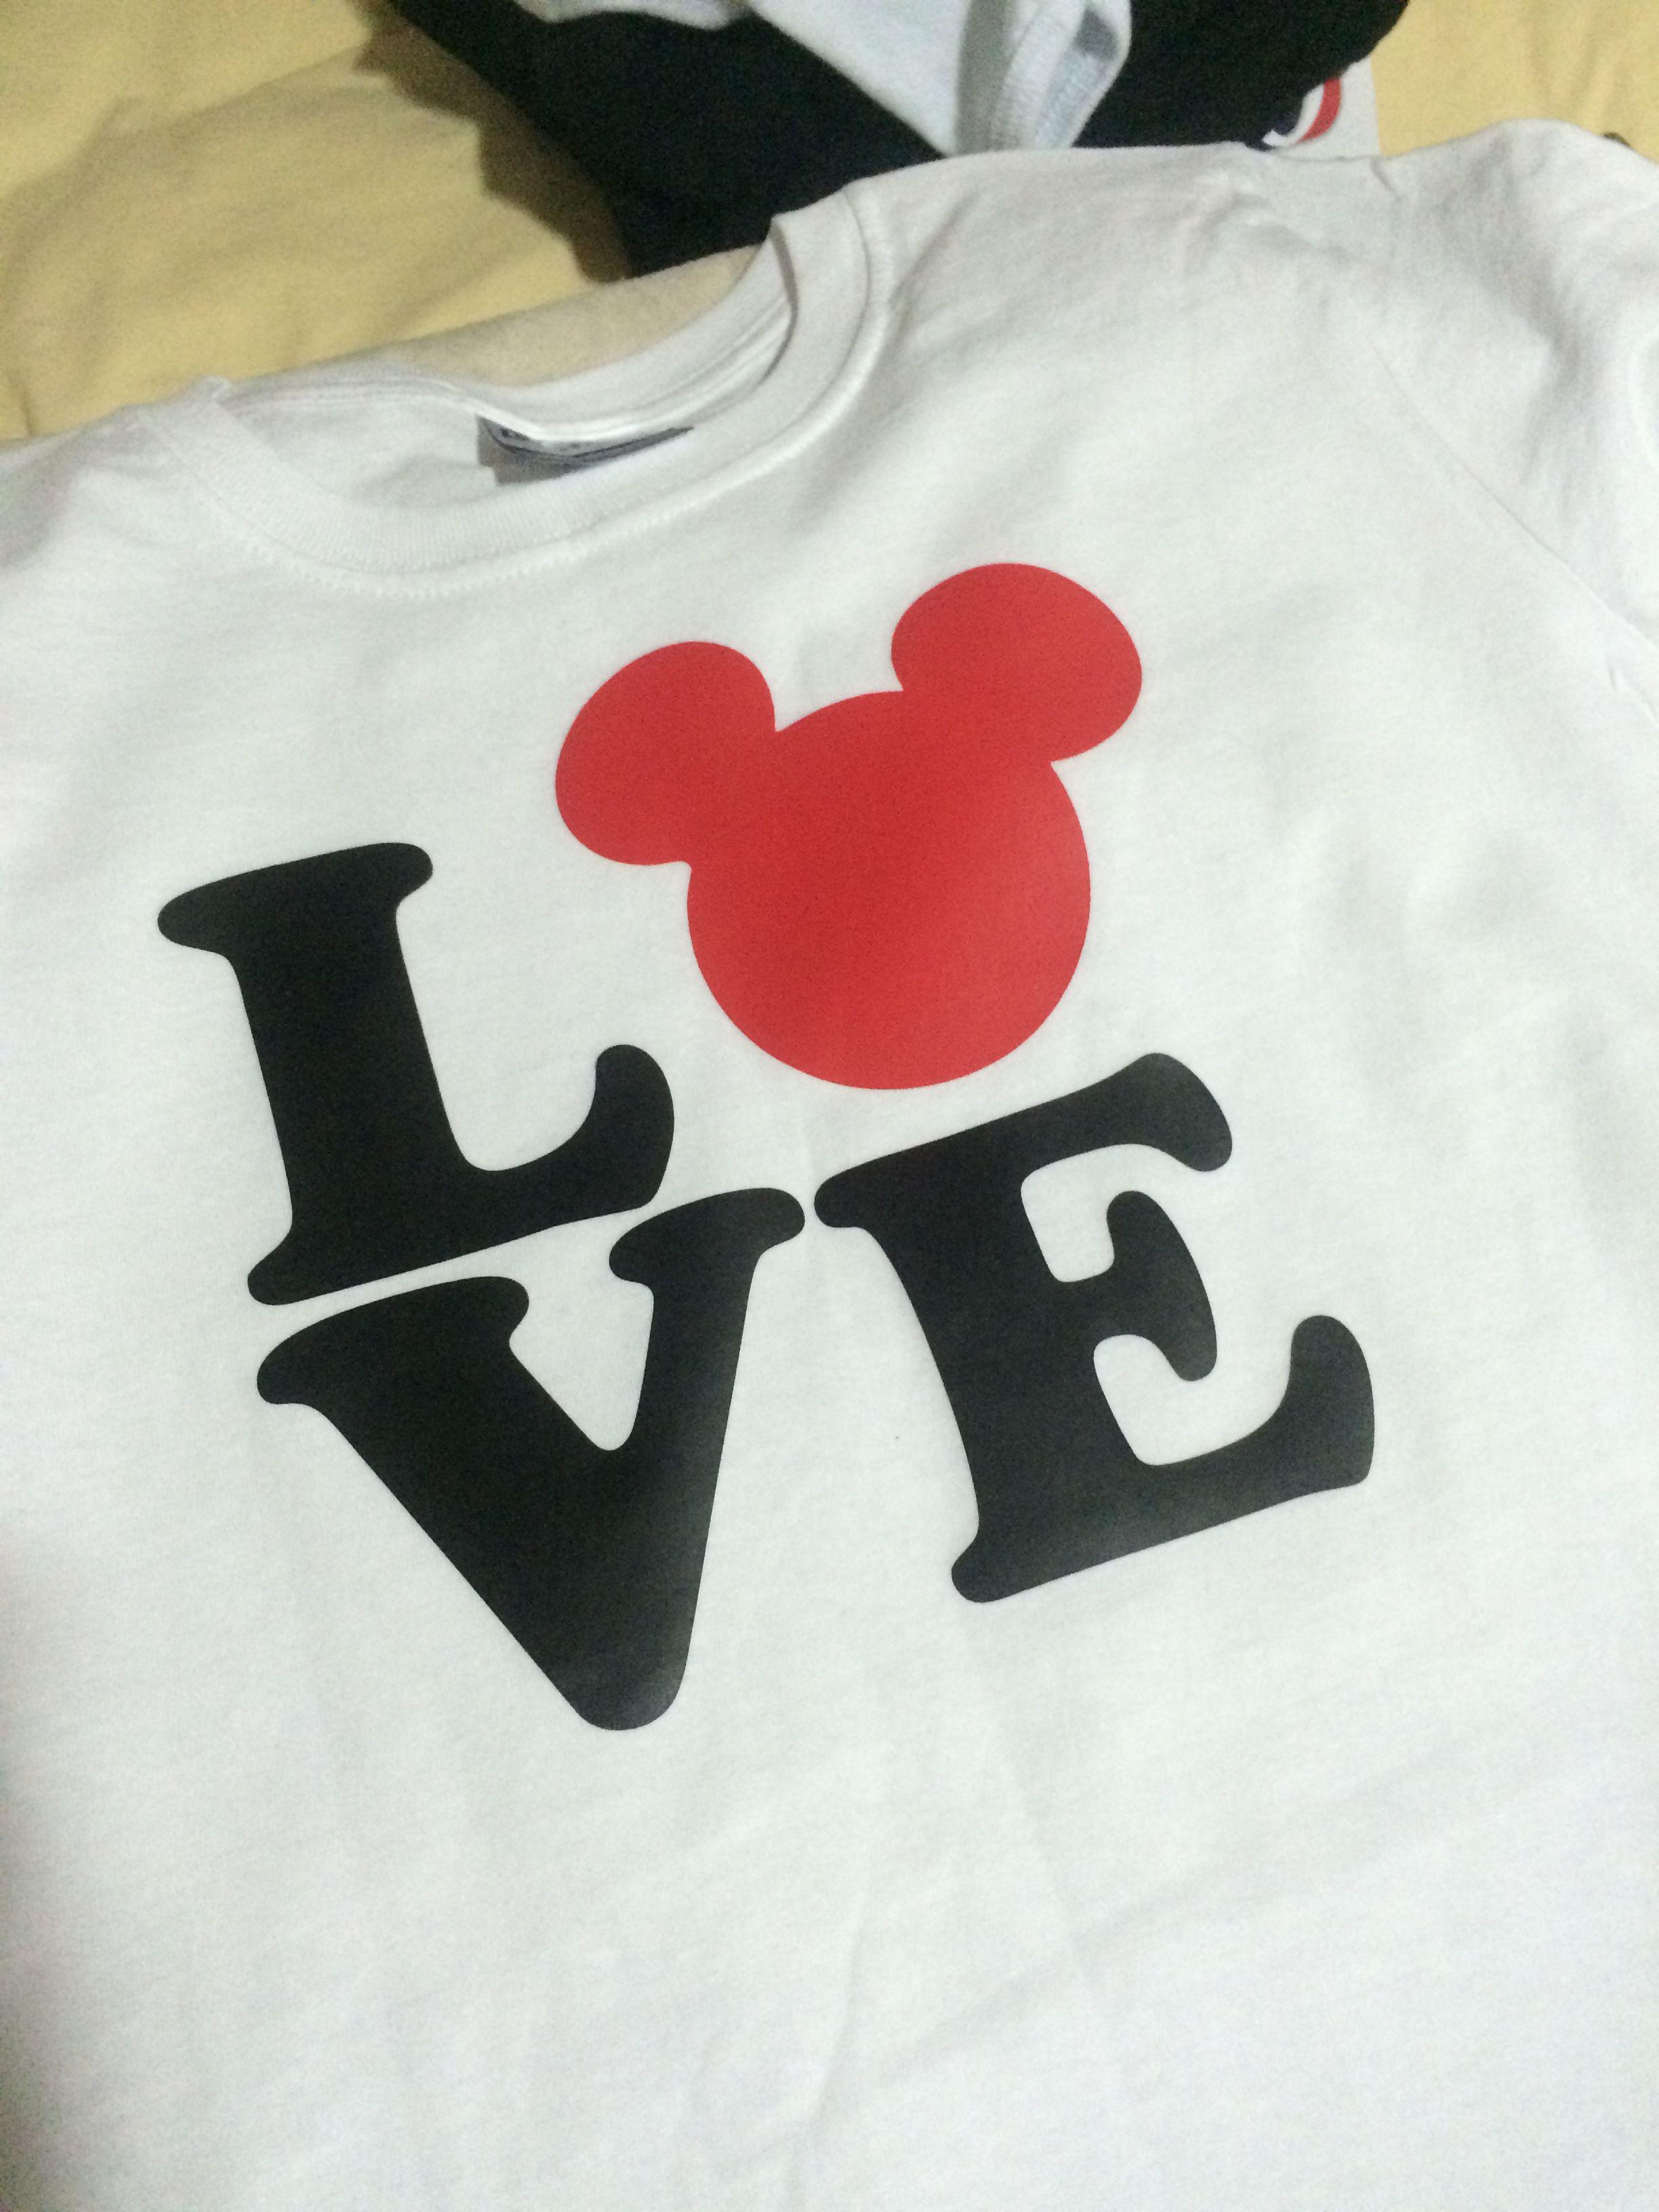 694050beb342f Playera 100% algodón adulto personalizada y estampada en vinil textil Love  Mickey